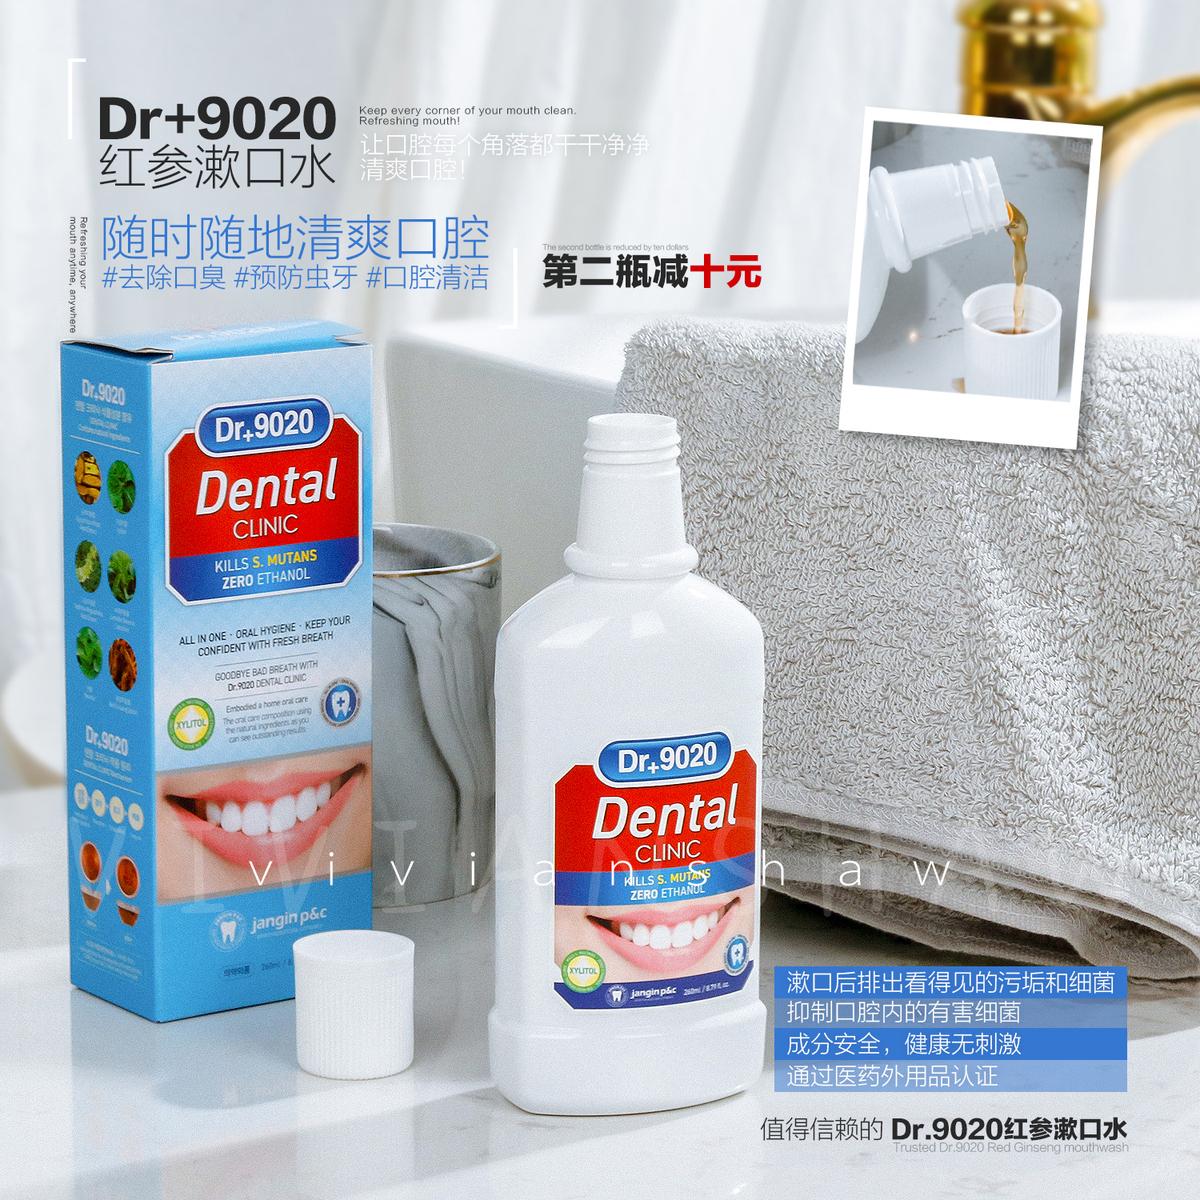 满49.00元可用1元优惠券吐出脏东西 Dr9020红参漱口水260ml清新口气预防蛀牙修护牙龈